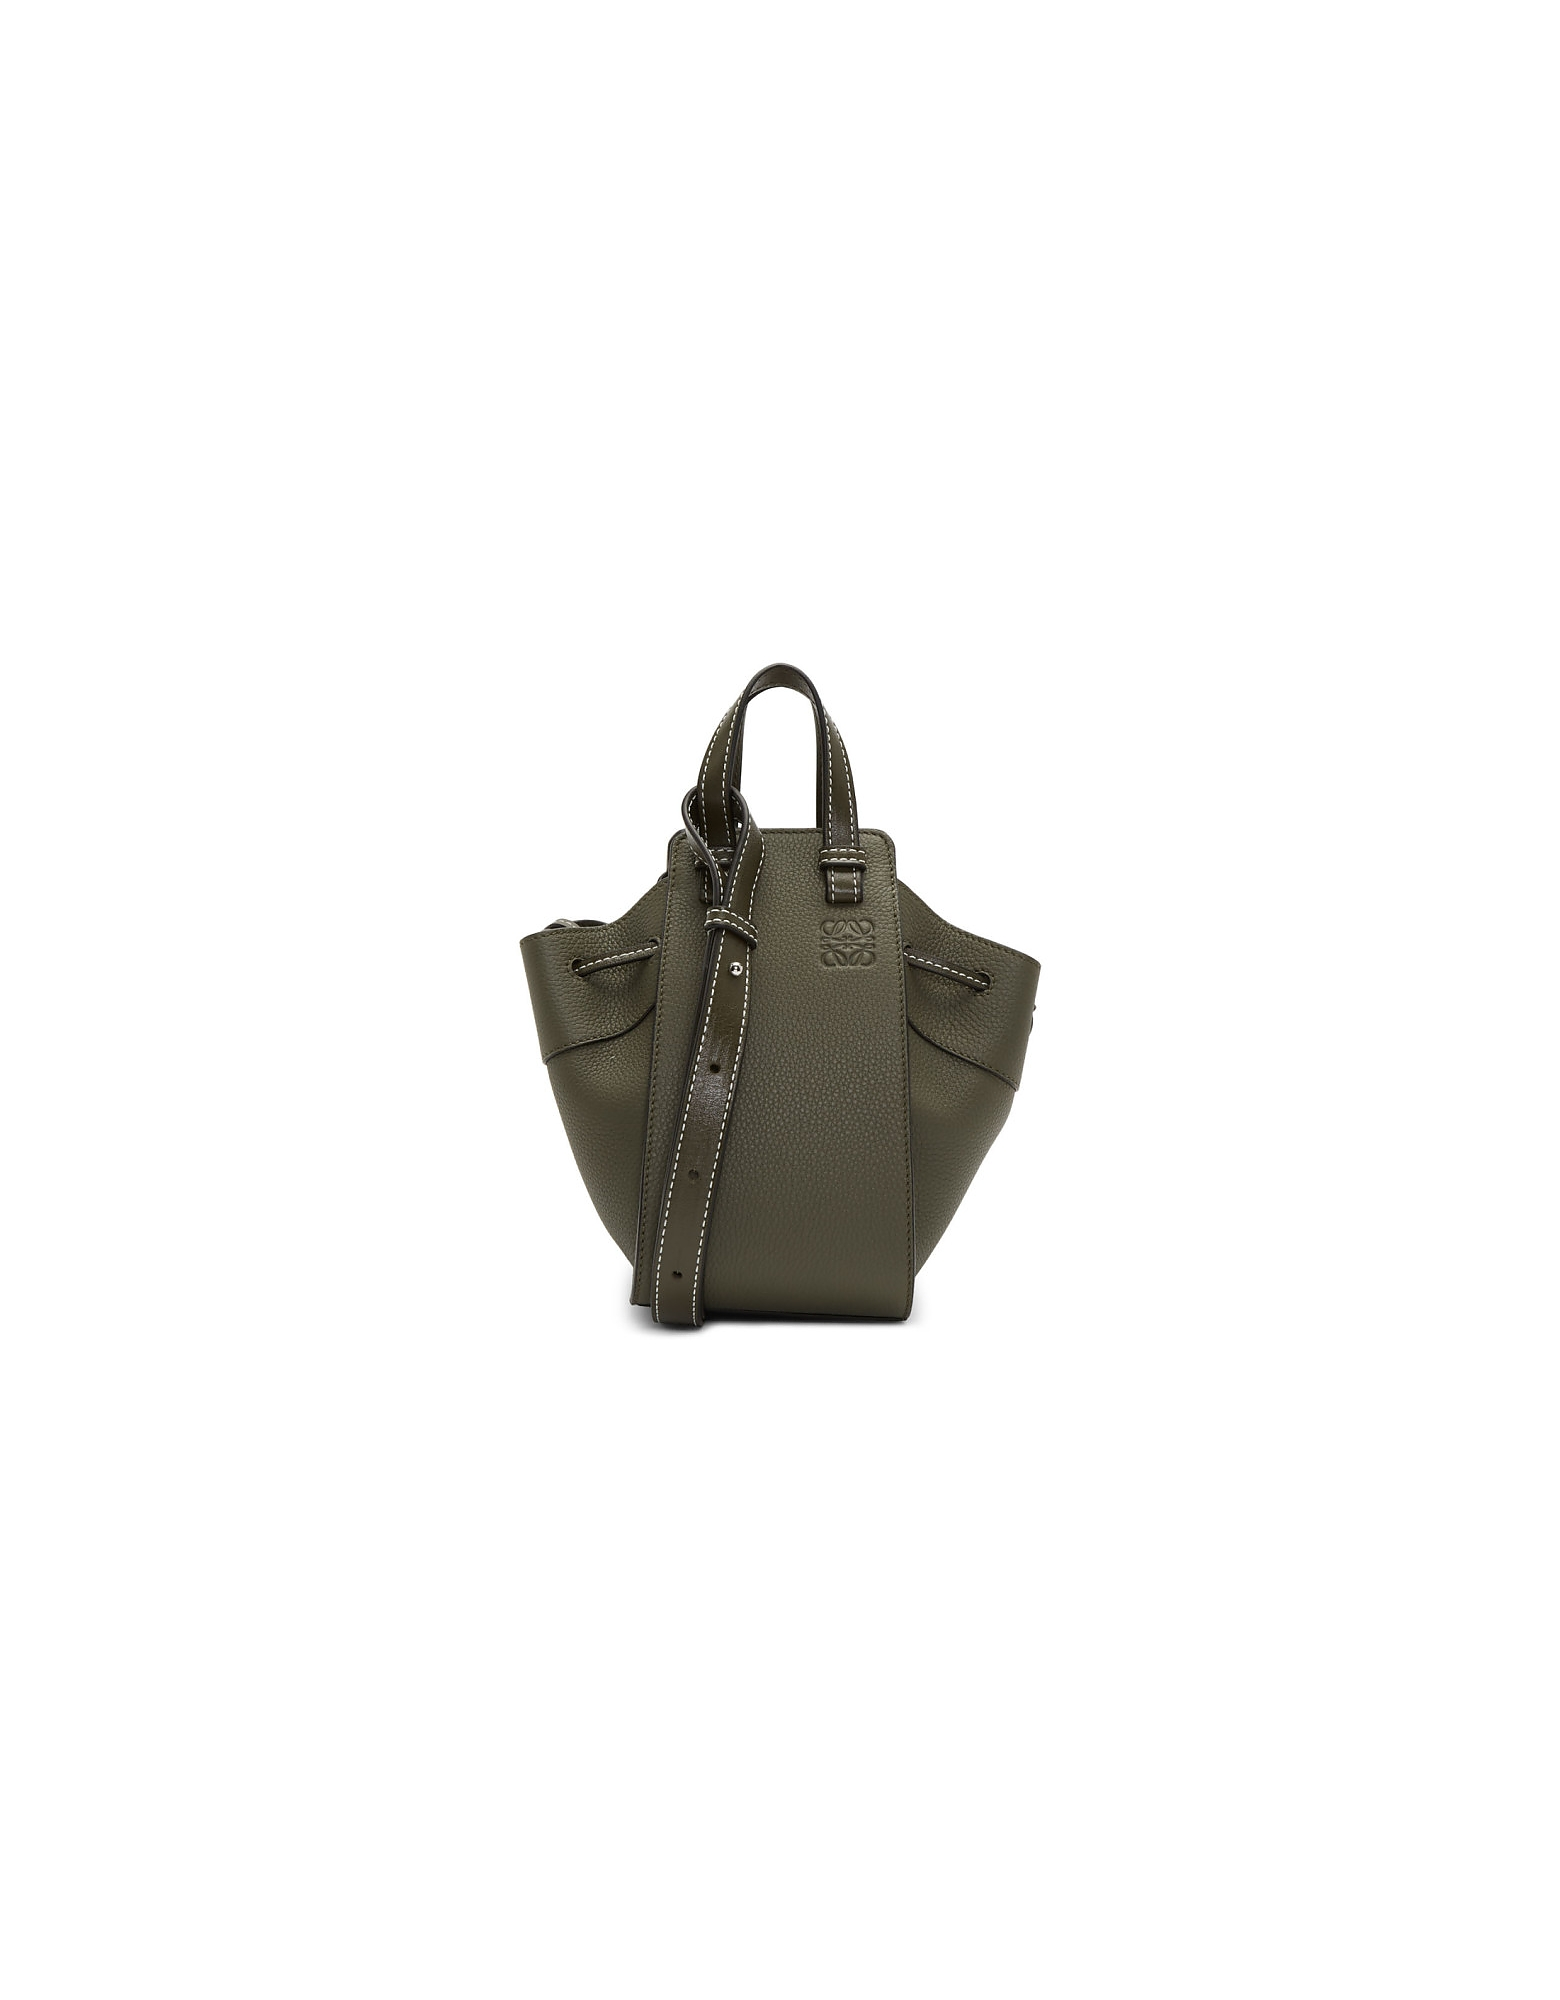 Loewe Designer Handbags, Green Mini Hammock Drawstring Bag